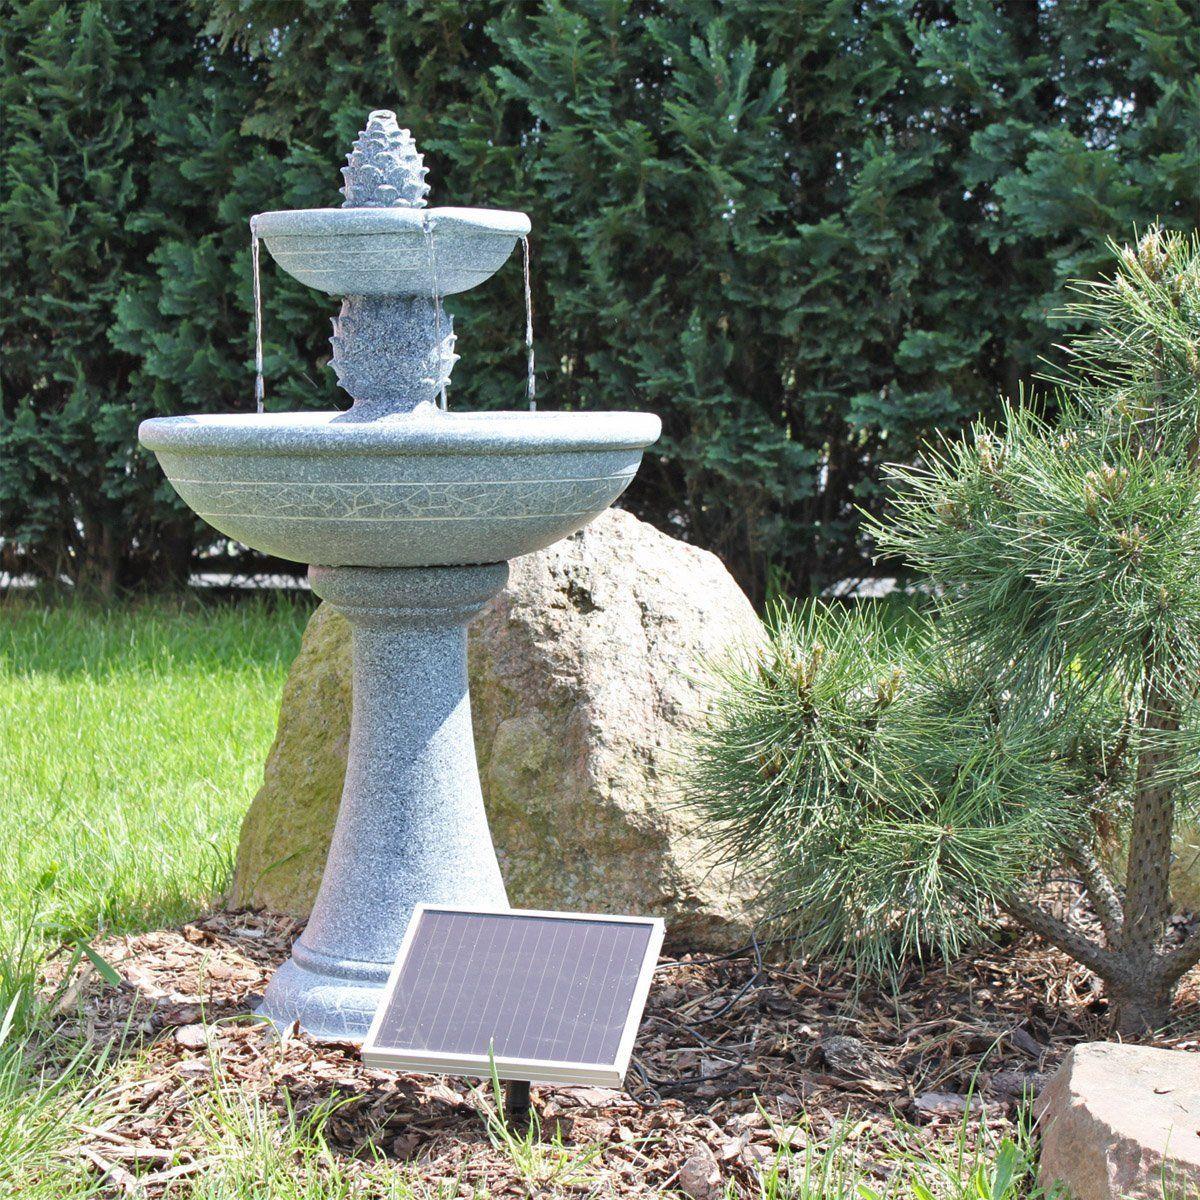 Une Jolie Fontaine Solaire Pour Jardin Zen En Extérieur ... encequiconcerne Fontaine Solaire Exterieur Jardin